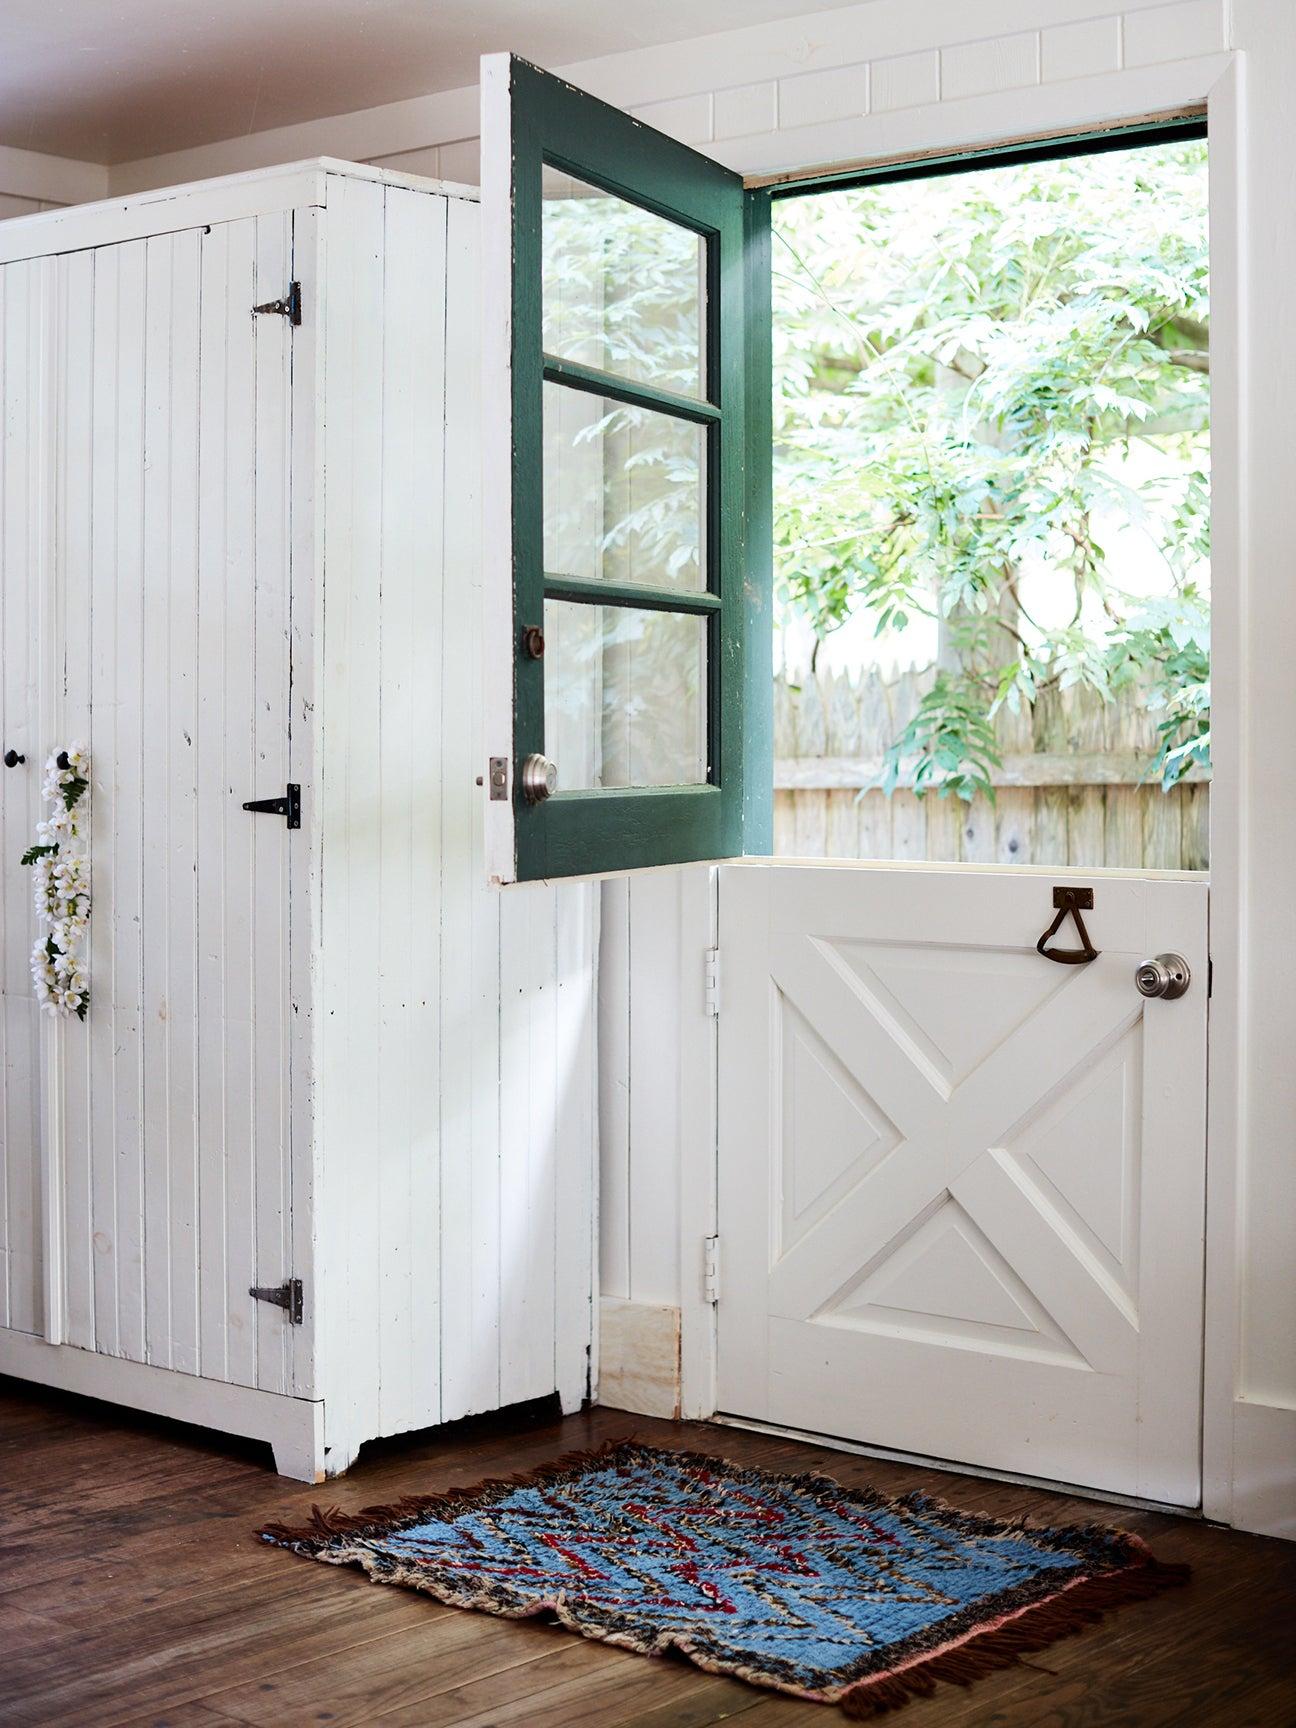 indoor view of a half open dutch door with a green top